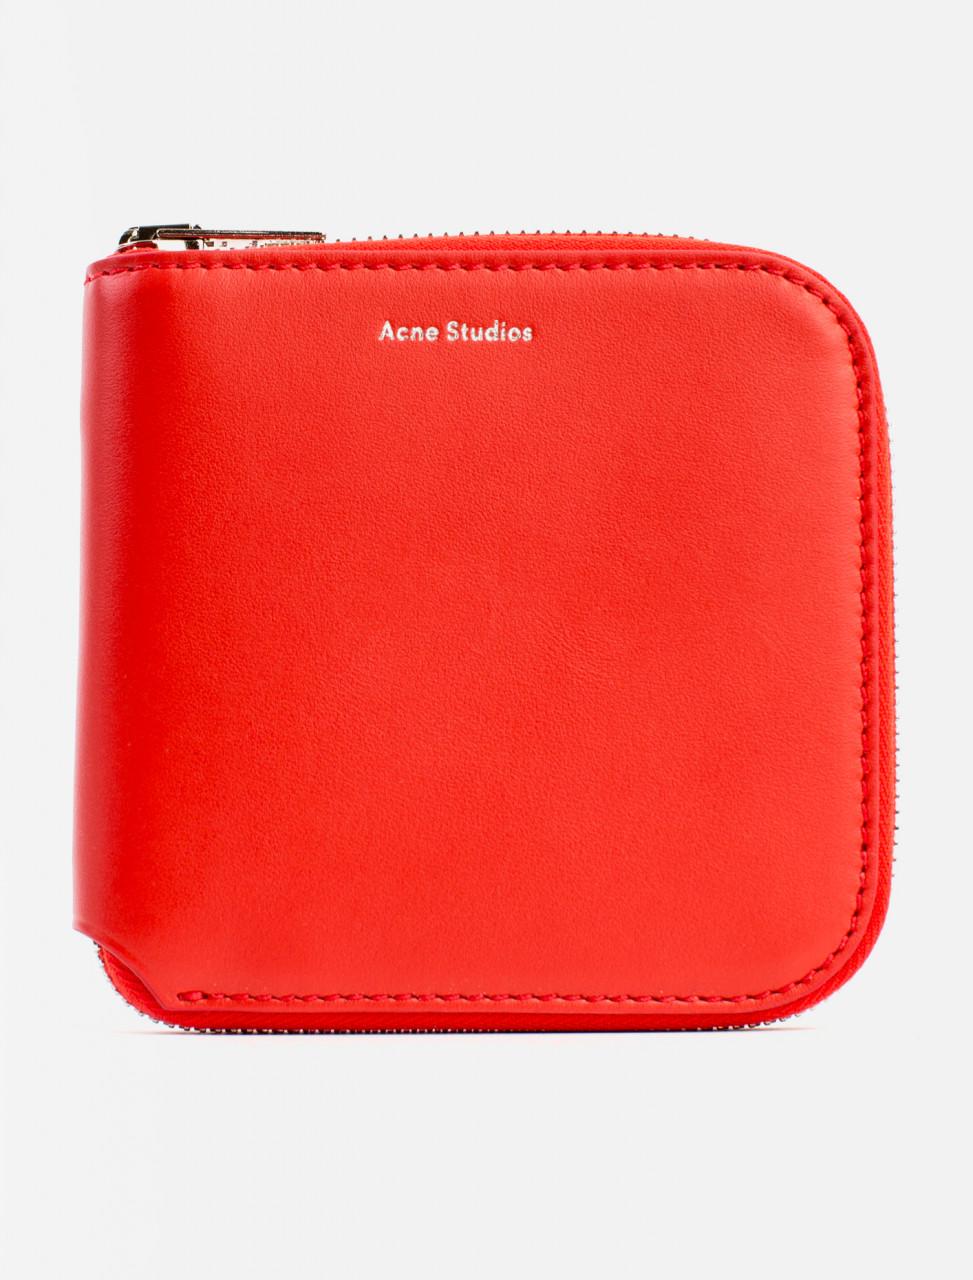 Csarite S Wallet